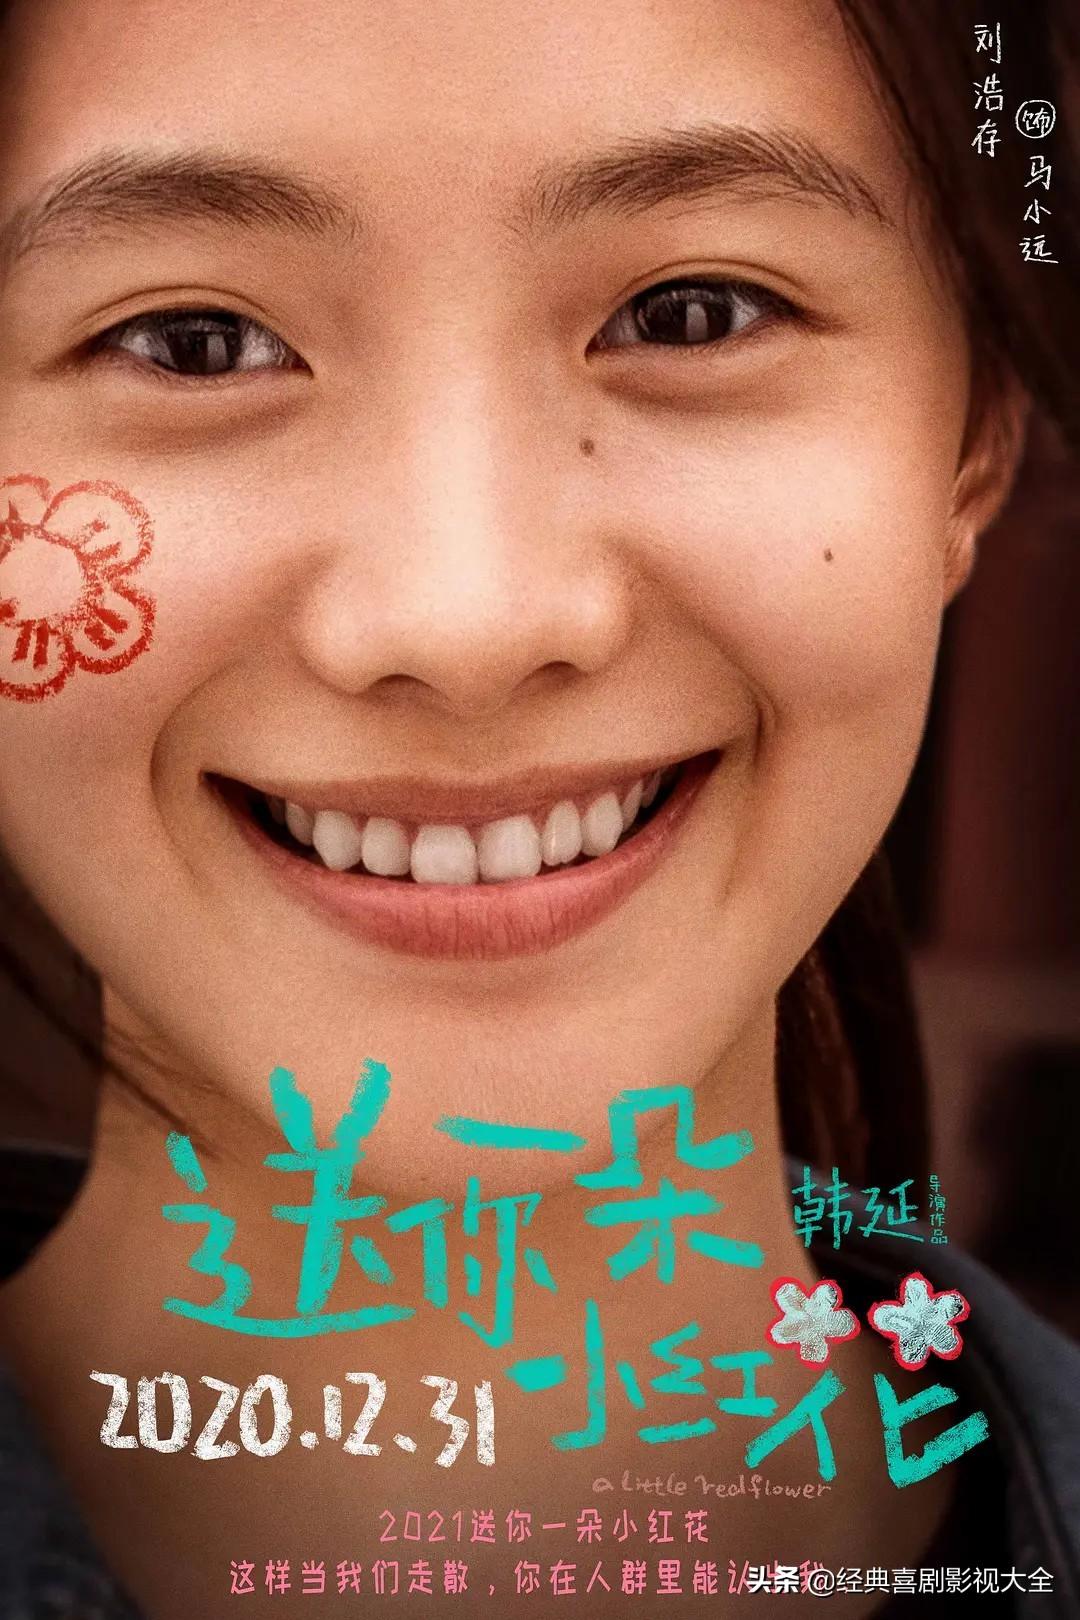 抗癌电影《送你一朵小红花》定档12月31日上映 预售票房破亿